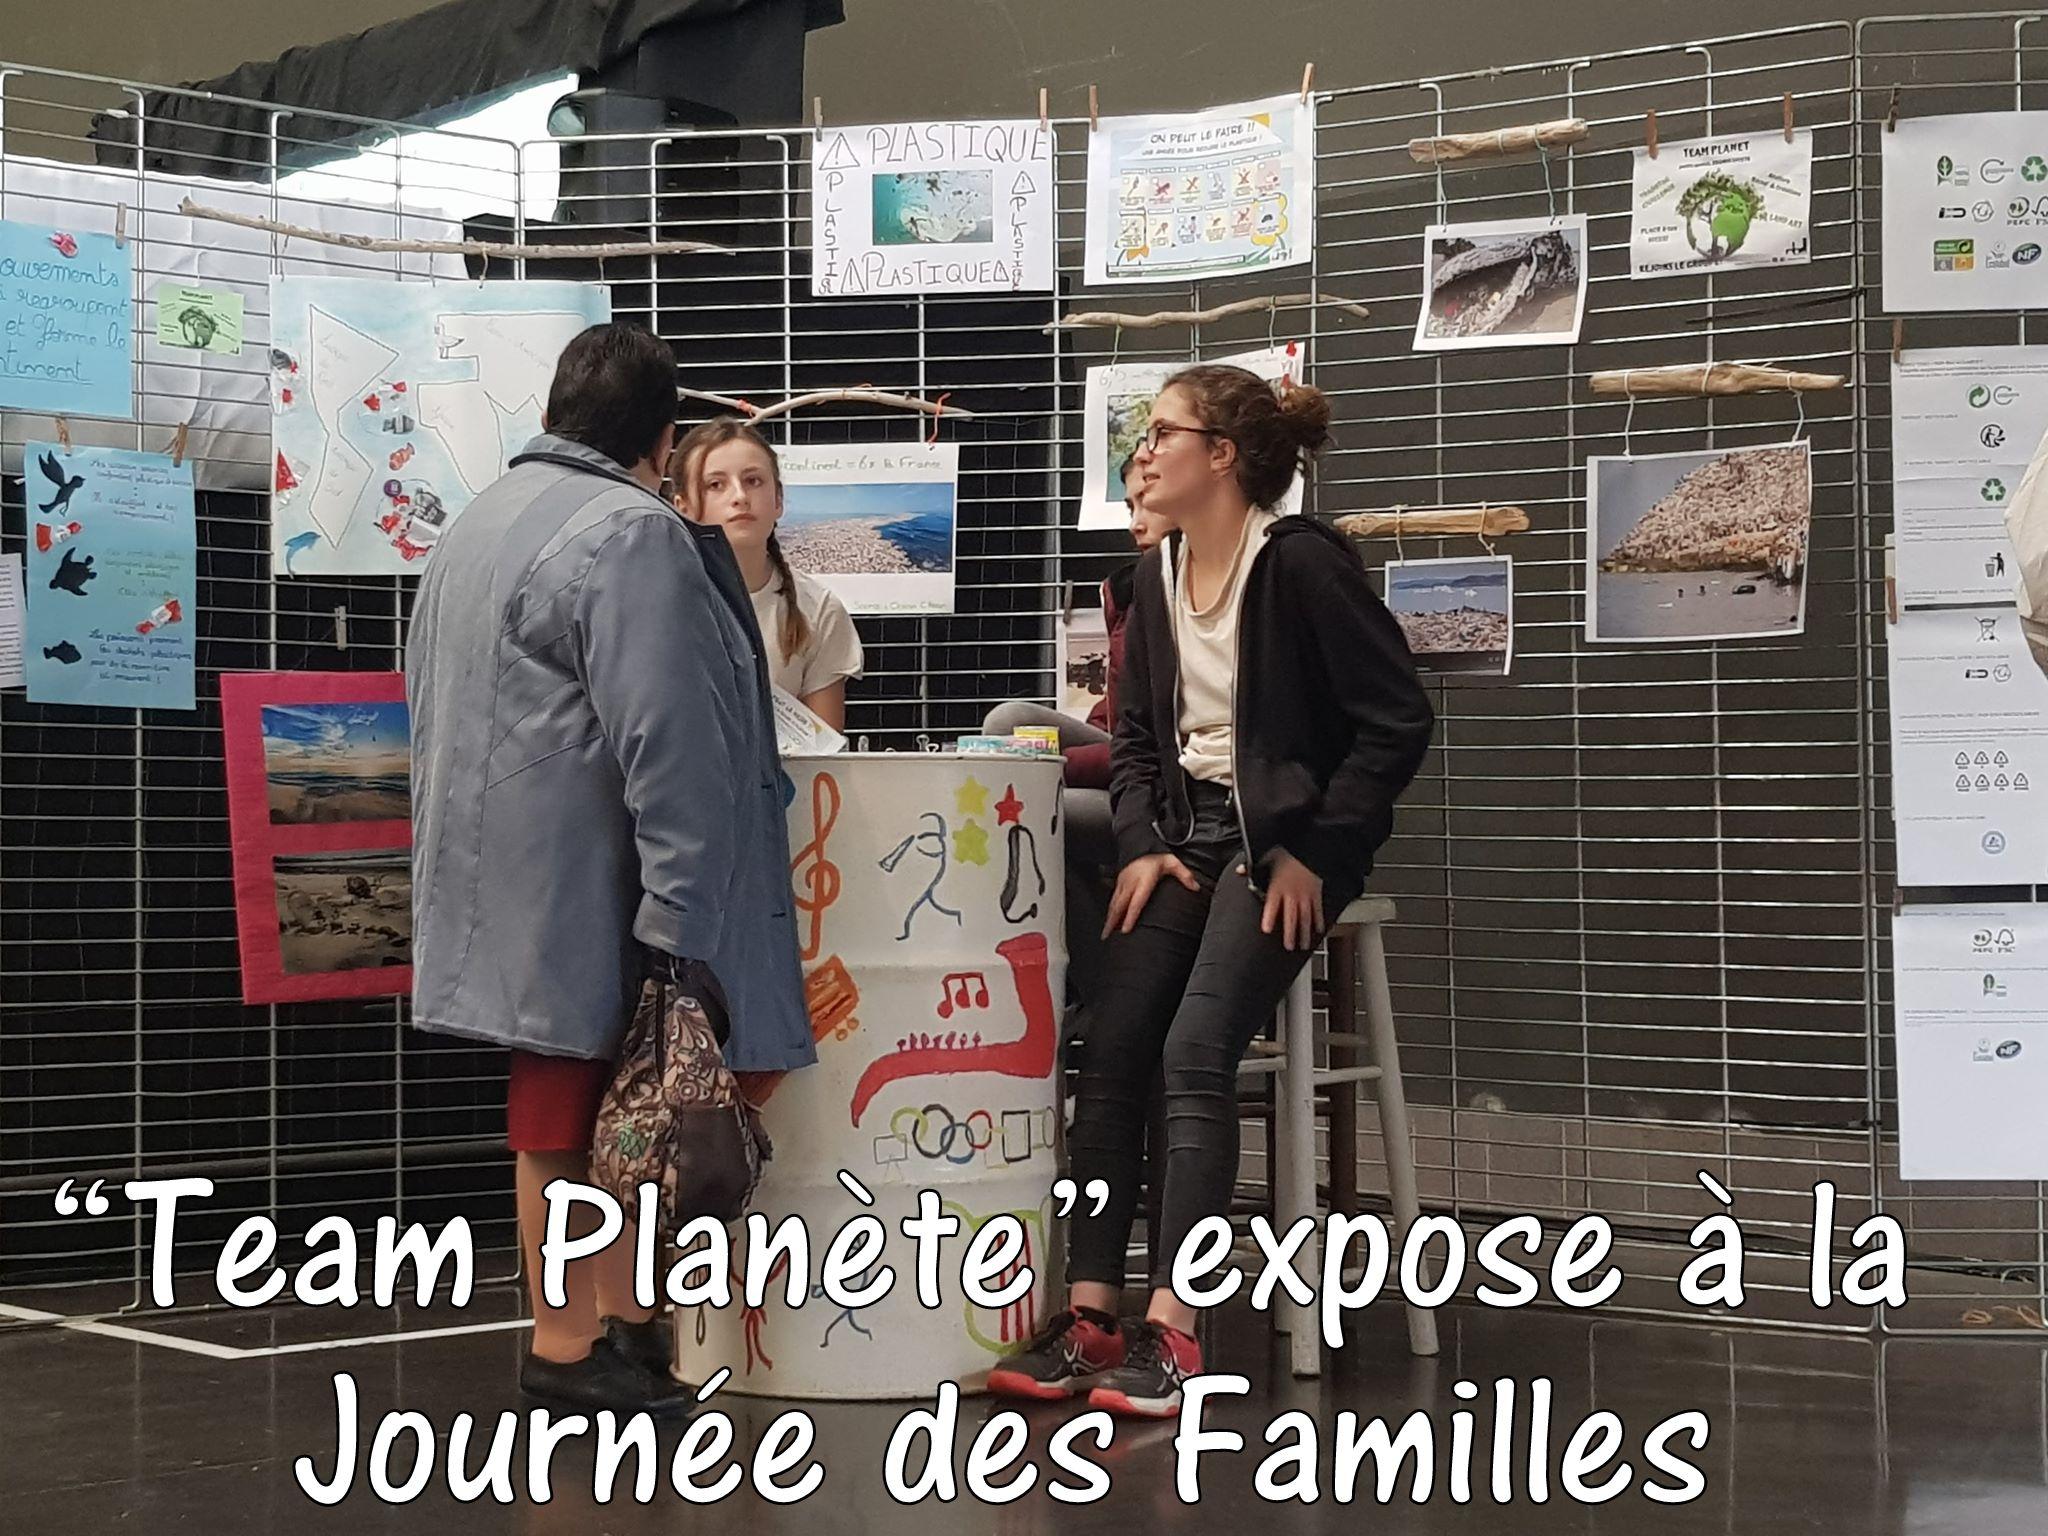 Team-Planete-expose-a-la-JDF